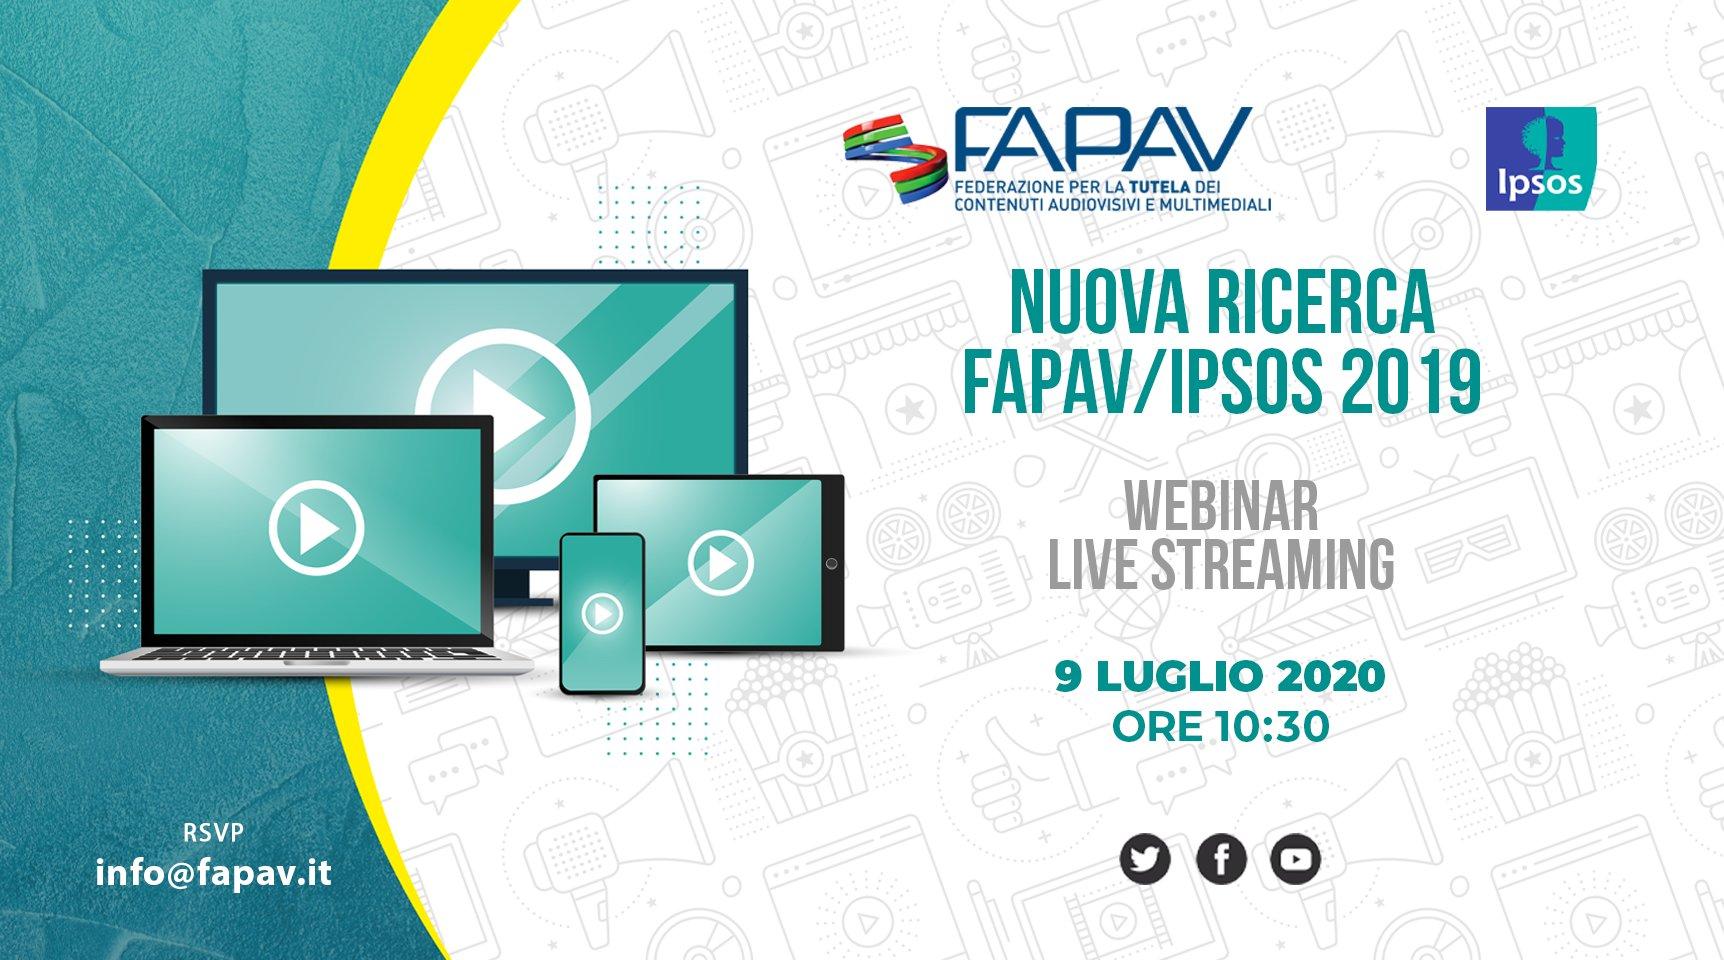 Presentazione dei nuovi dati sulla pirateria audiovisiva in Italia